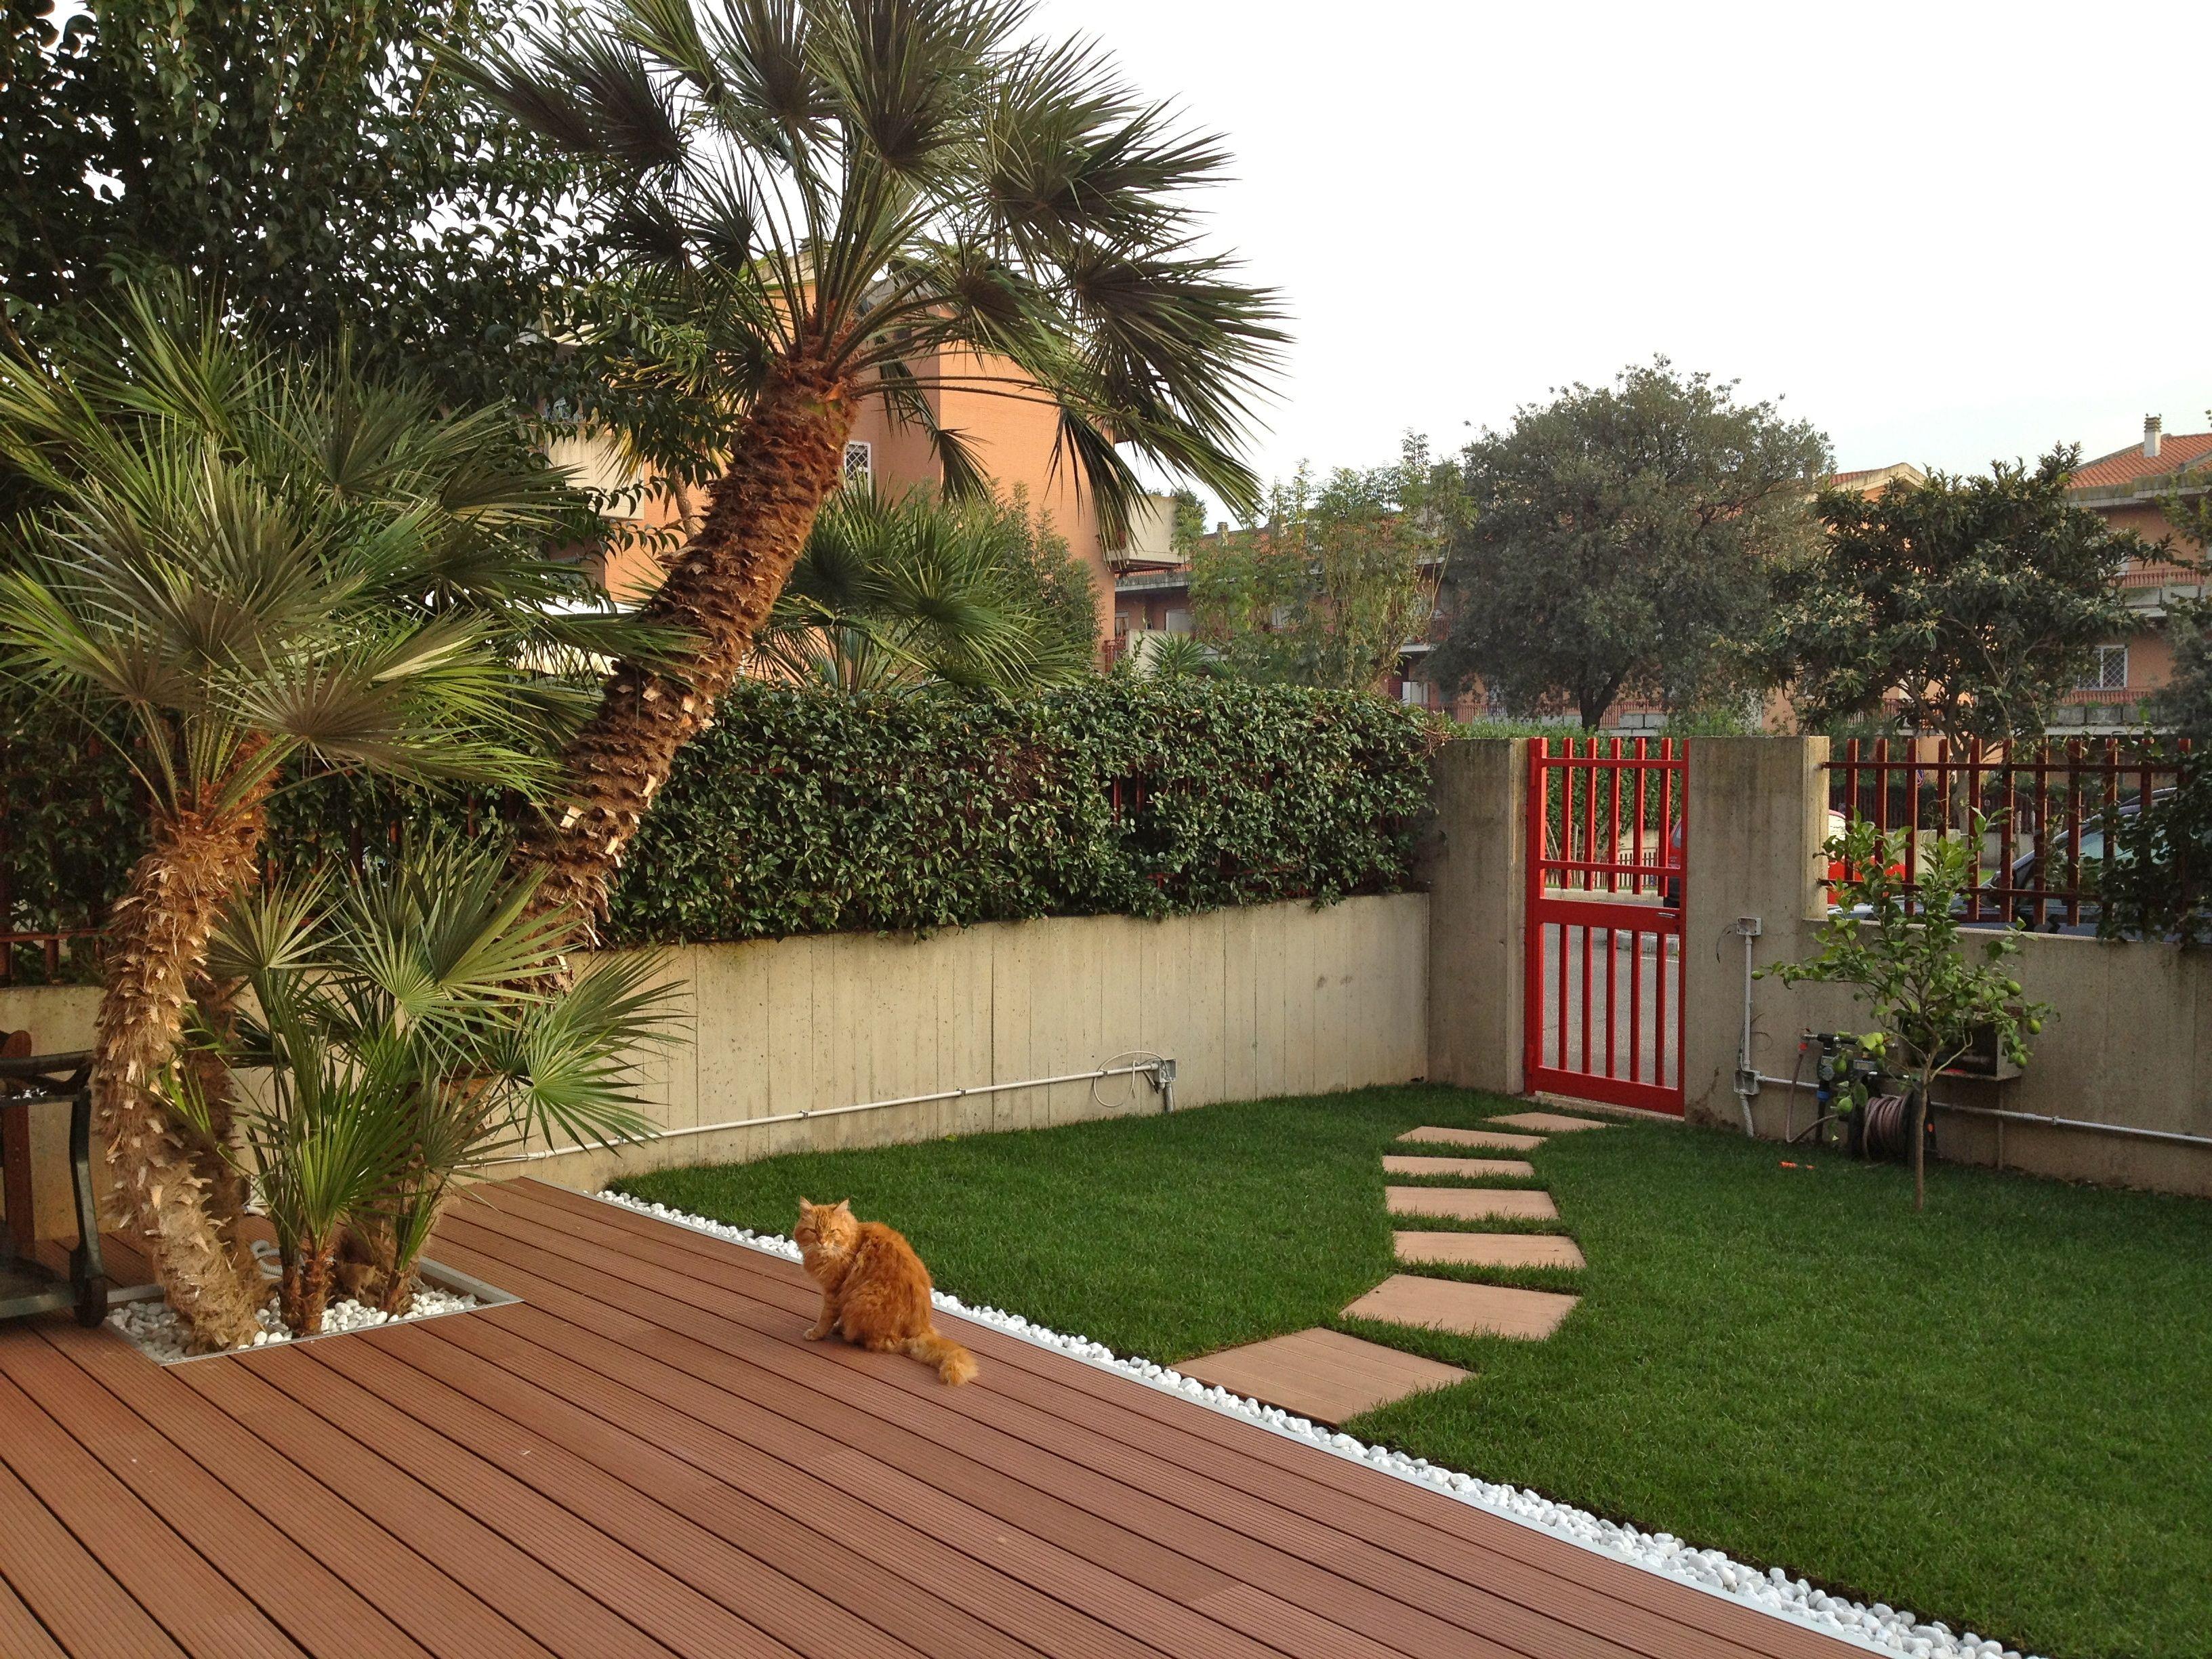 Un piccolo giardino privato ecco il nostro primo progetto realizzato progetti pinterest - Progetto giardino privato ...